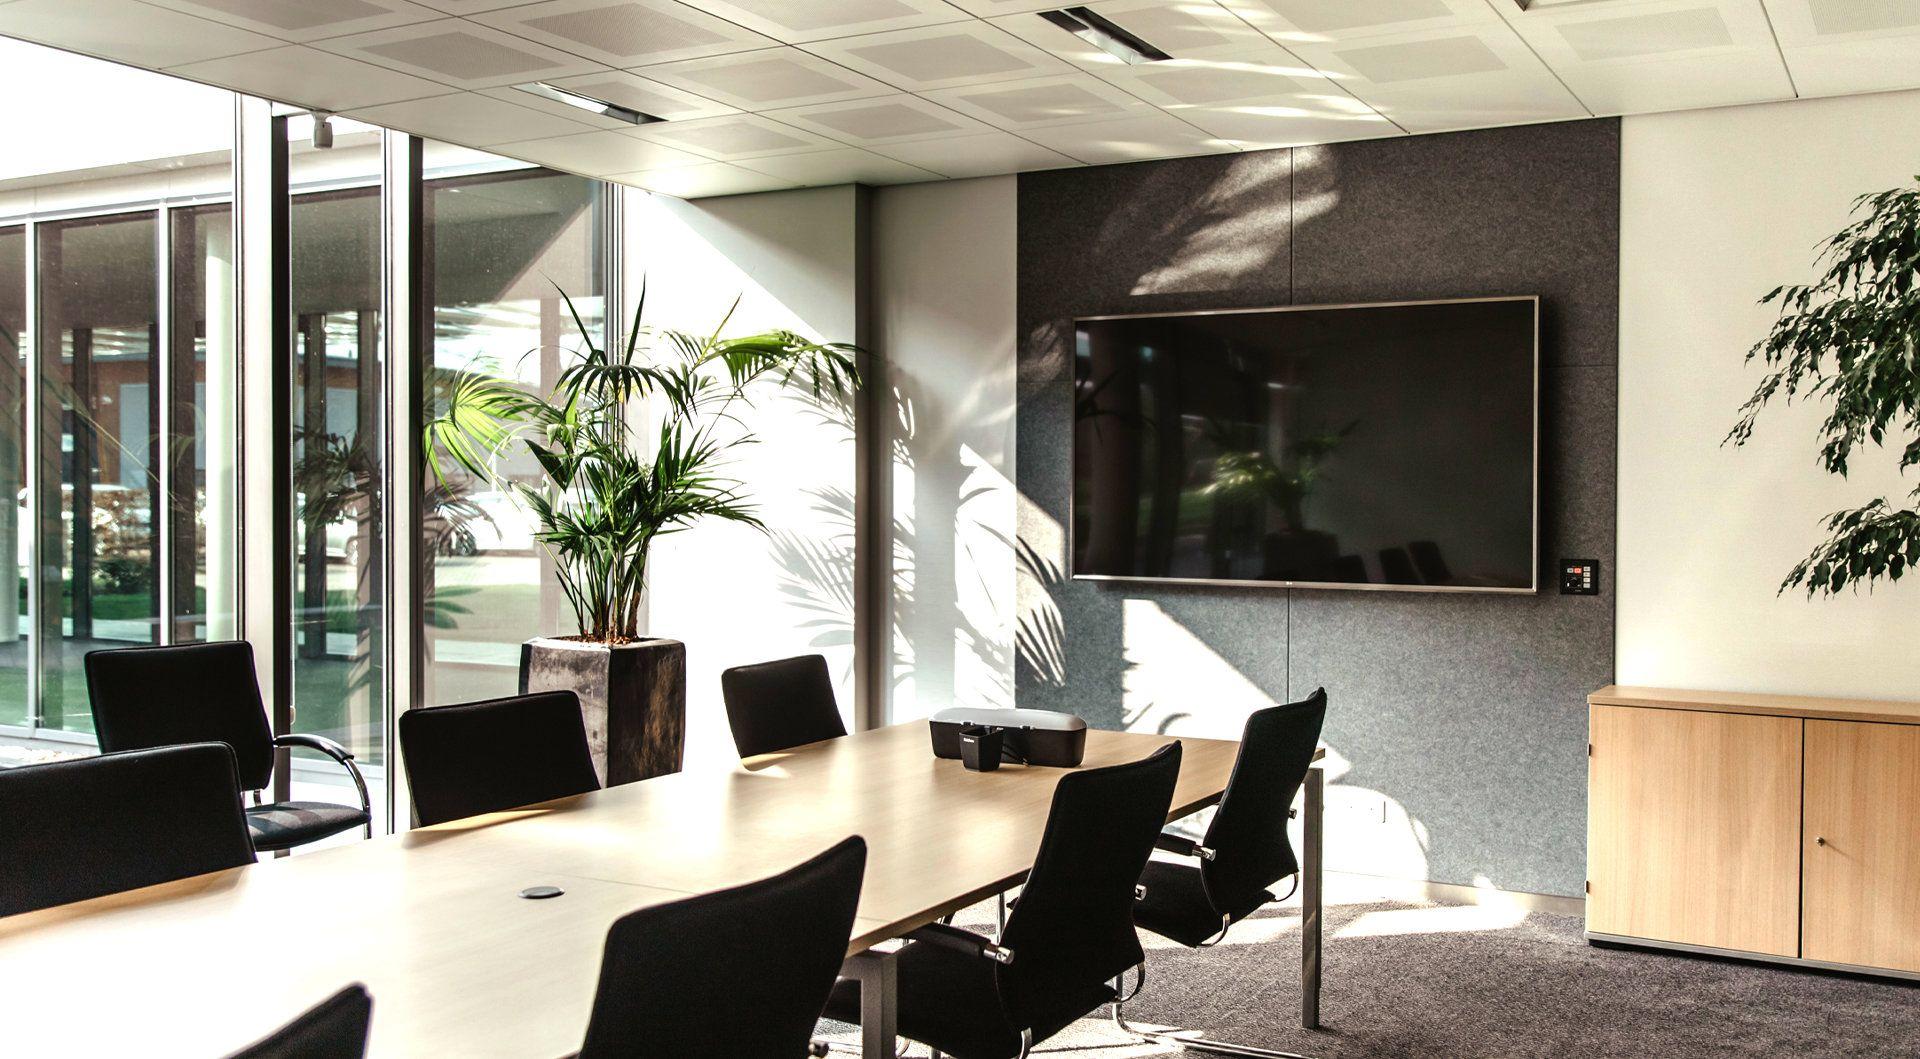 """Conen Mounts SCEXLW flat panel muur steun 3,05 m (120"""") Aluminium, Zwart - Case studie de vries"""